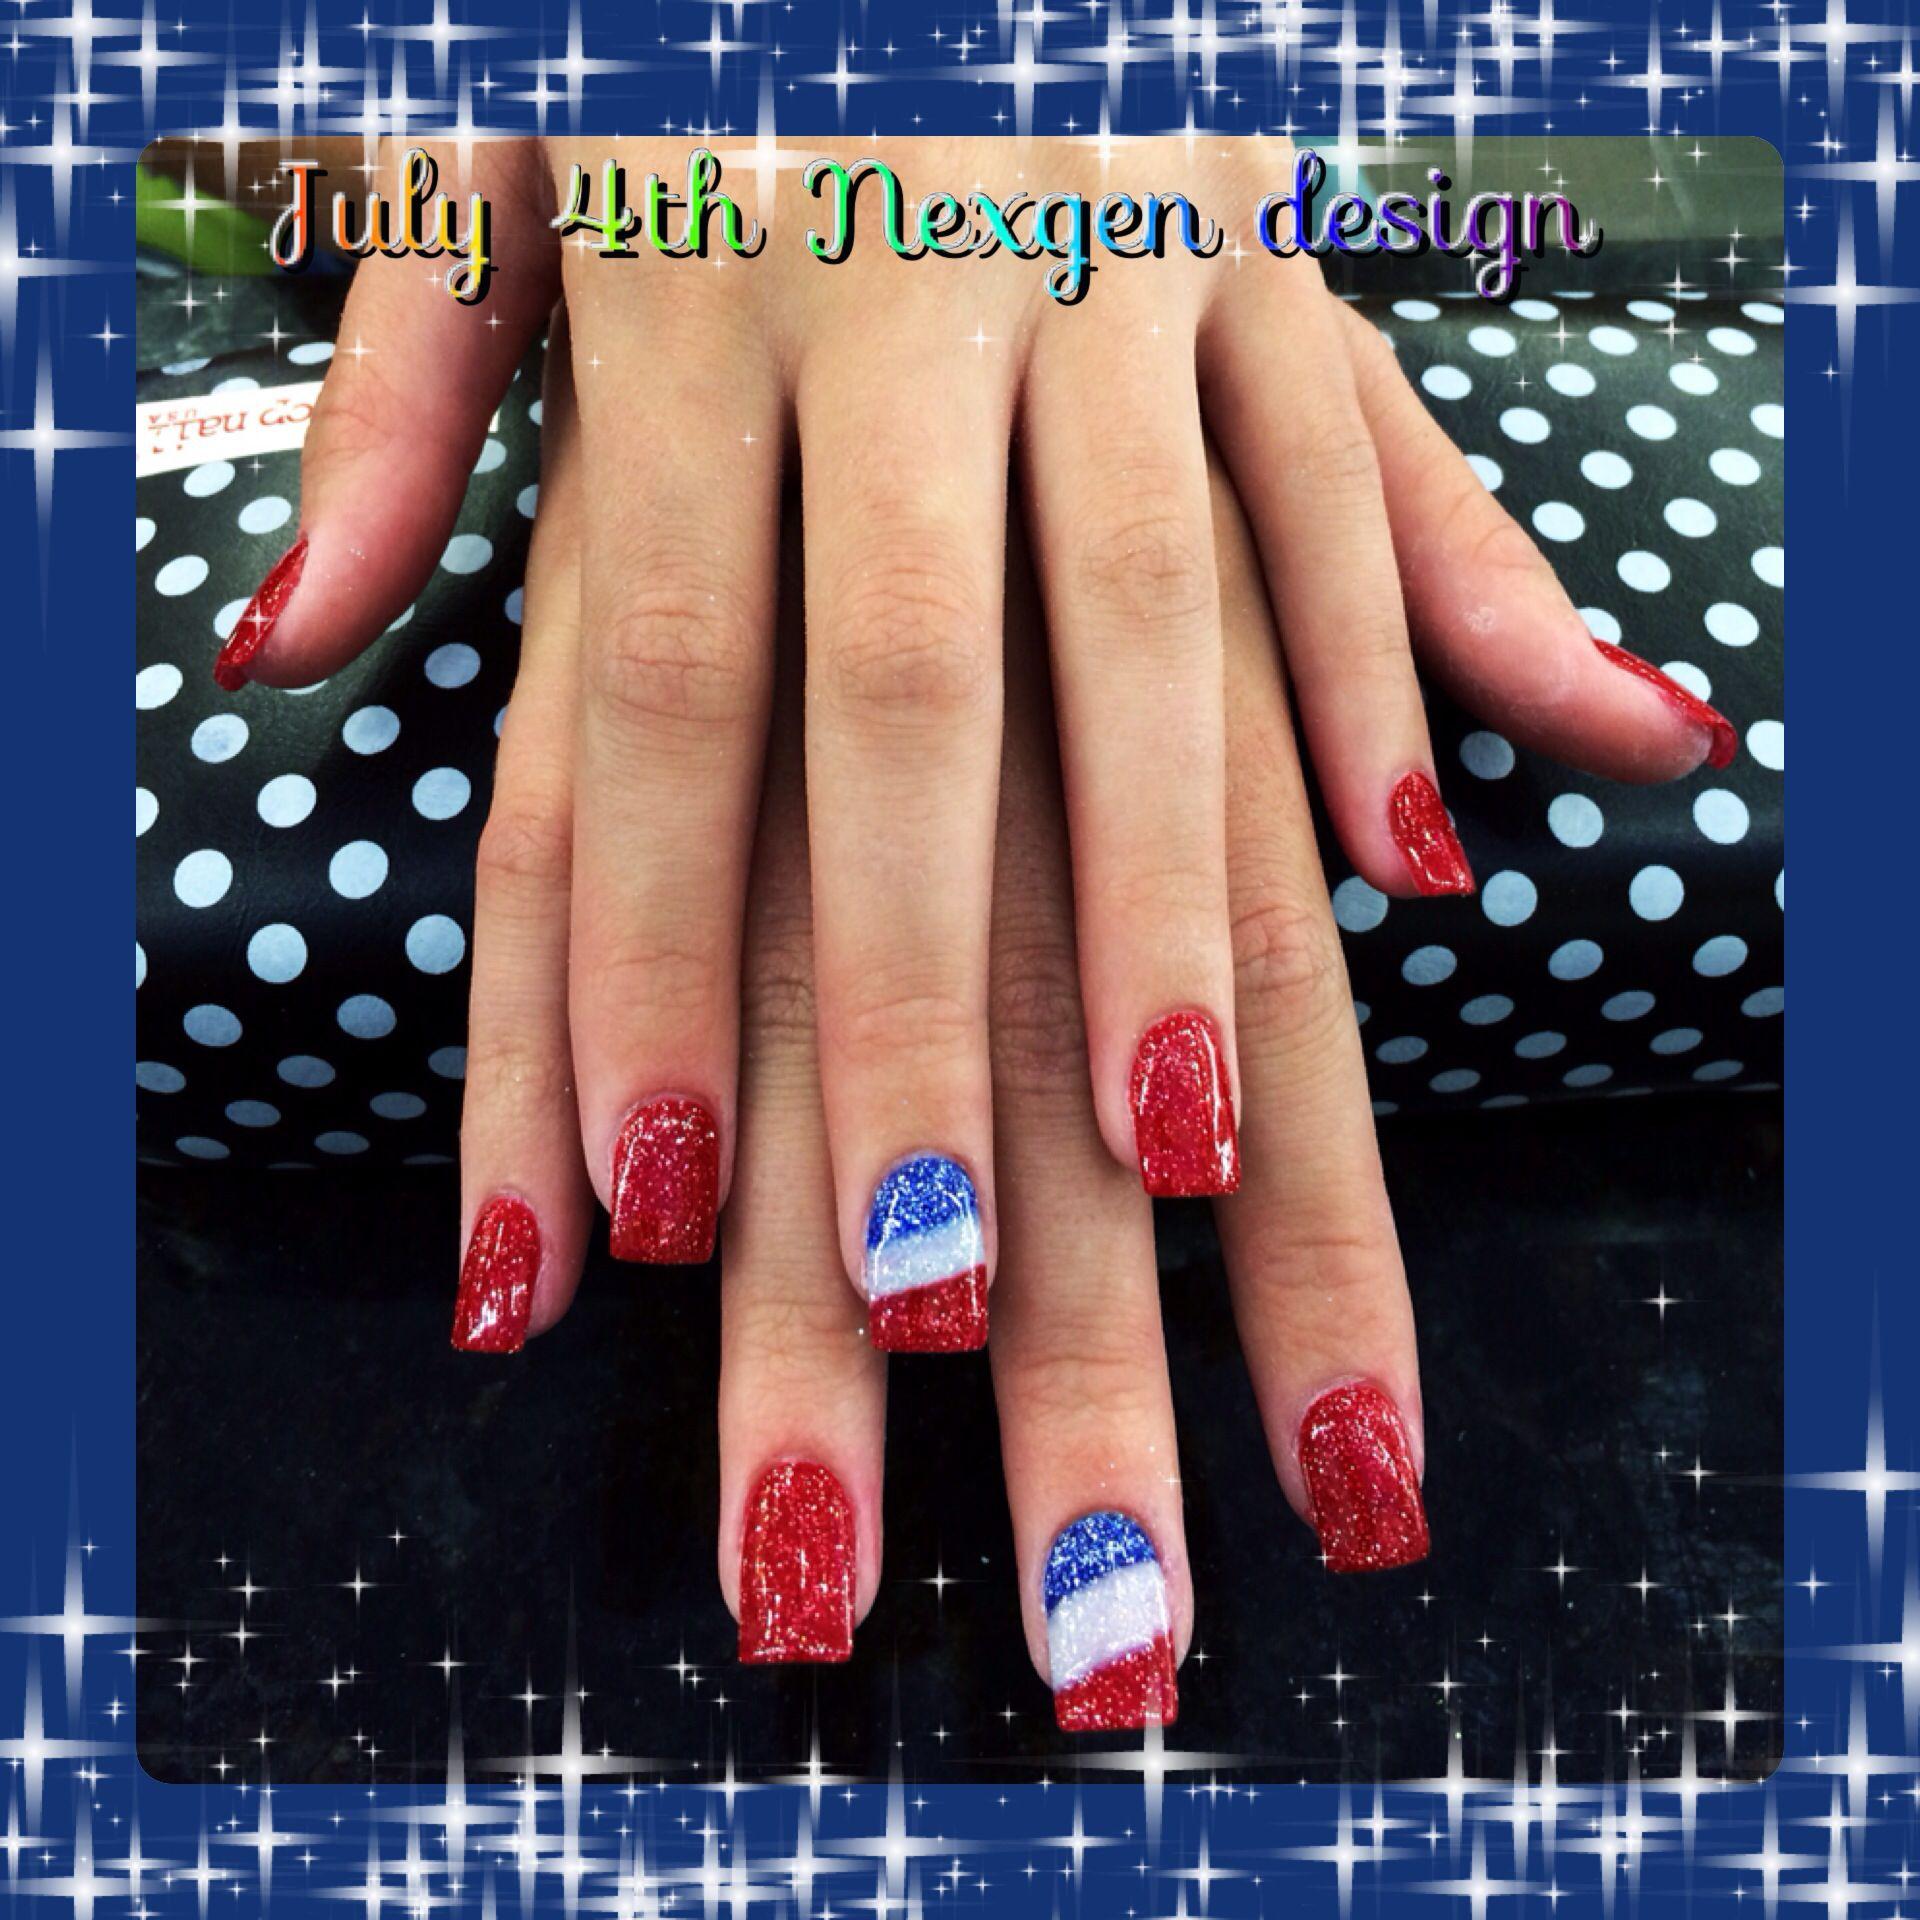 Nexgen Nail art July 4th   Cute Nail Art   Pinterest   Nail swag and ...